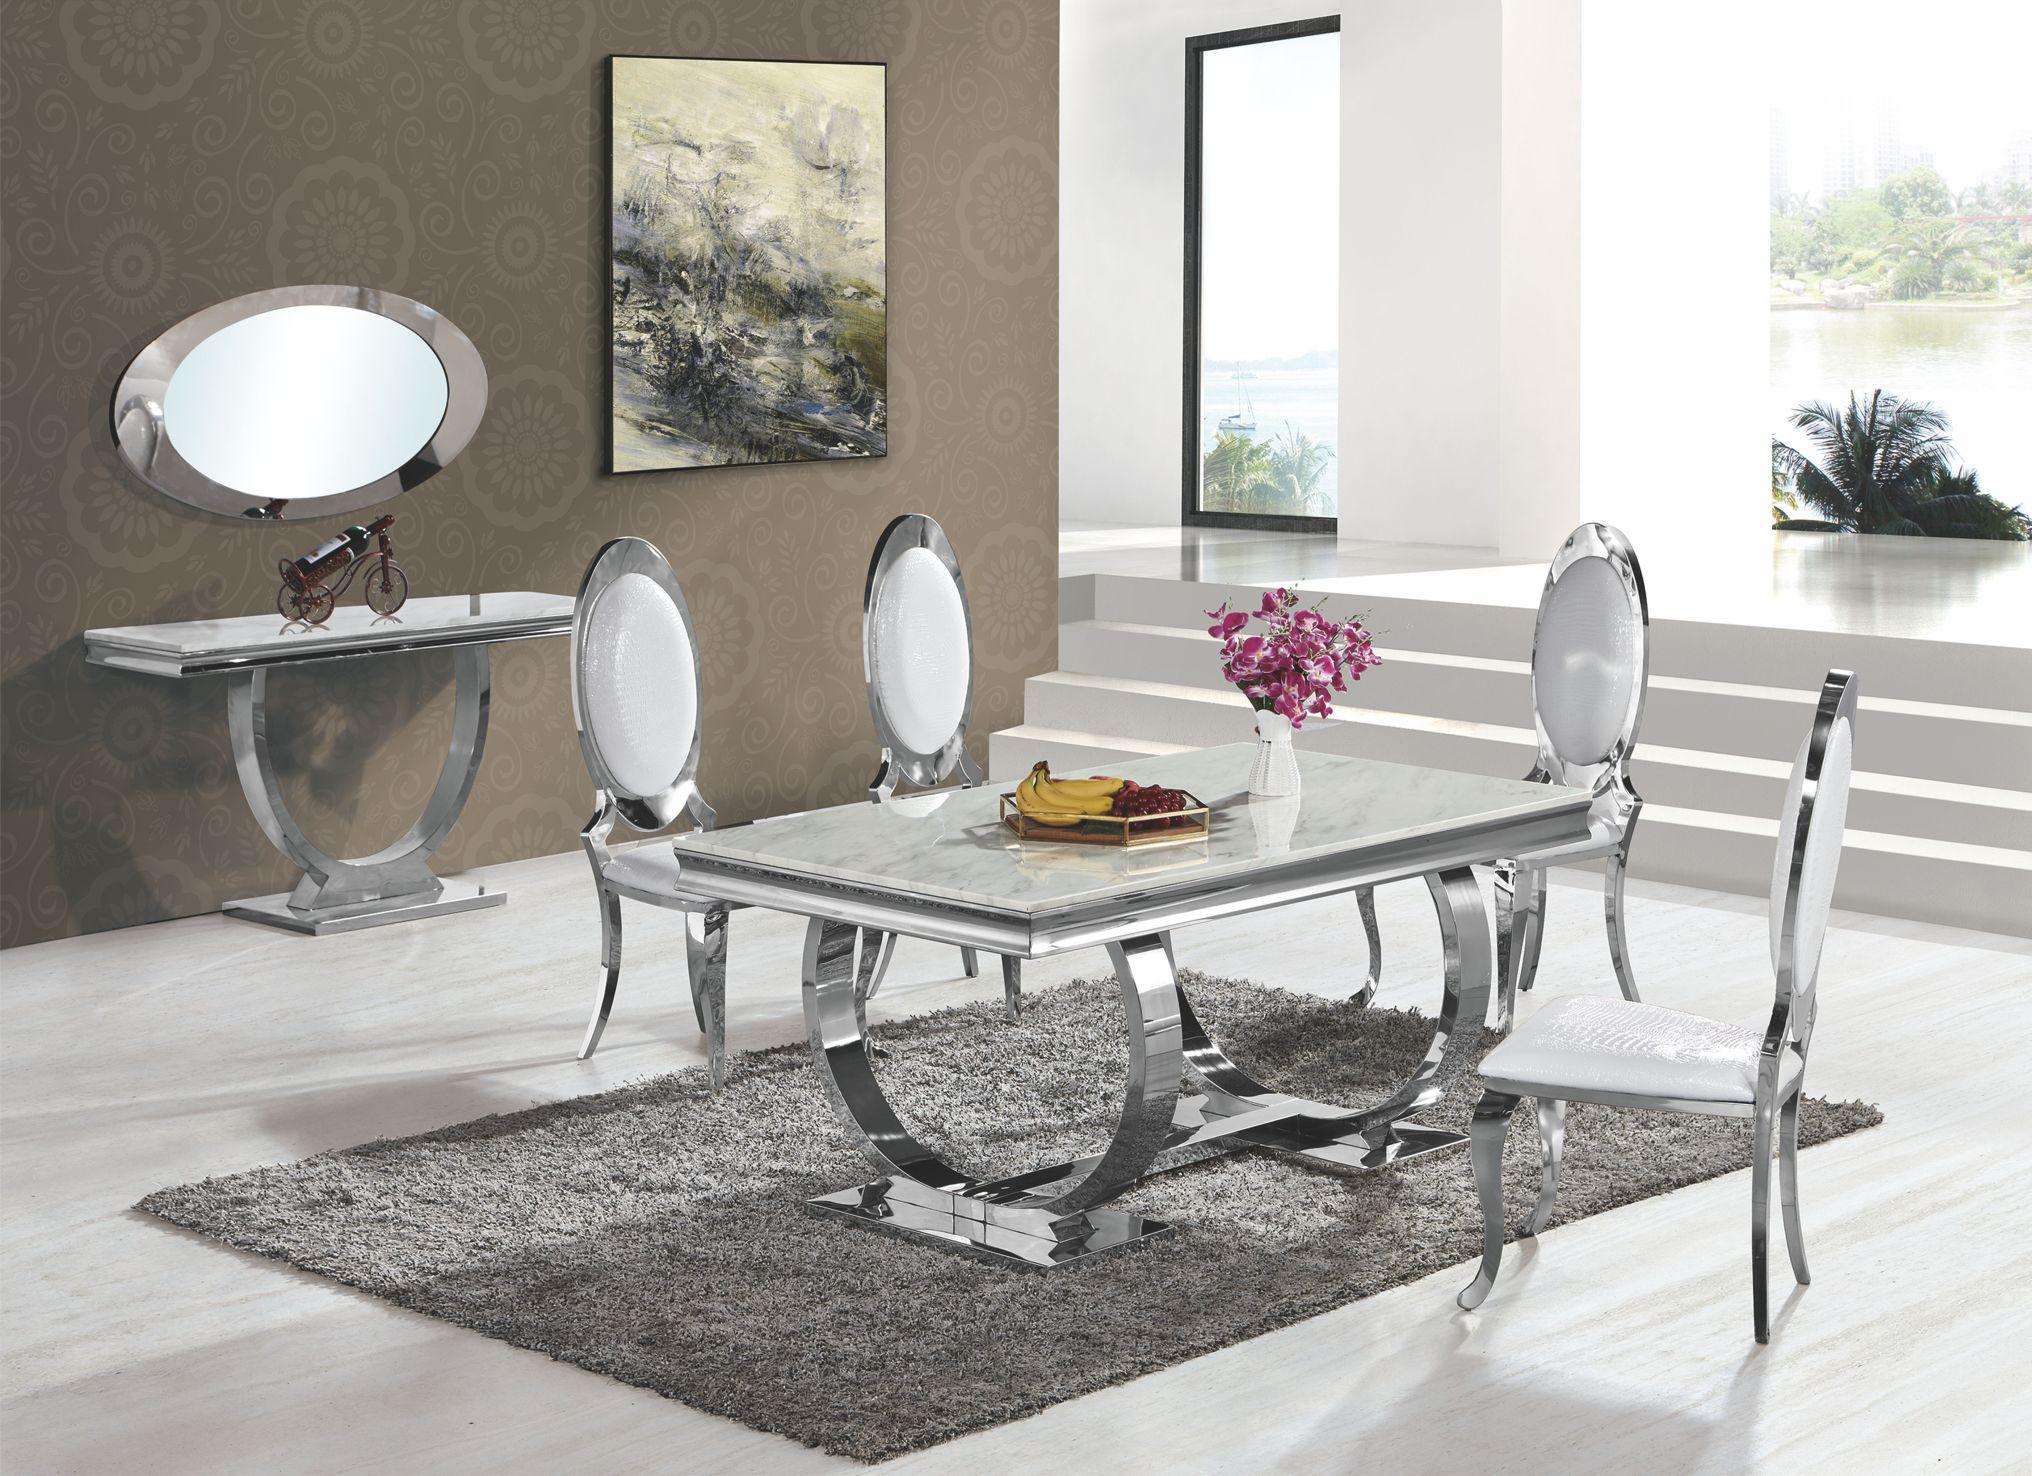 esstisch chrom glas free amazing space age chrom u glas esstisch von milo baughman er with glas. Black Bedroom Furniture Sets. Home Design Ideas